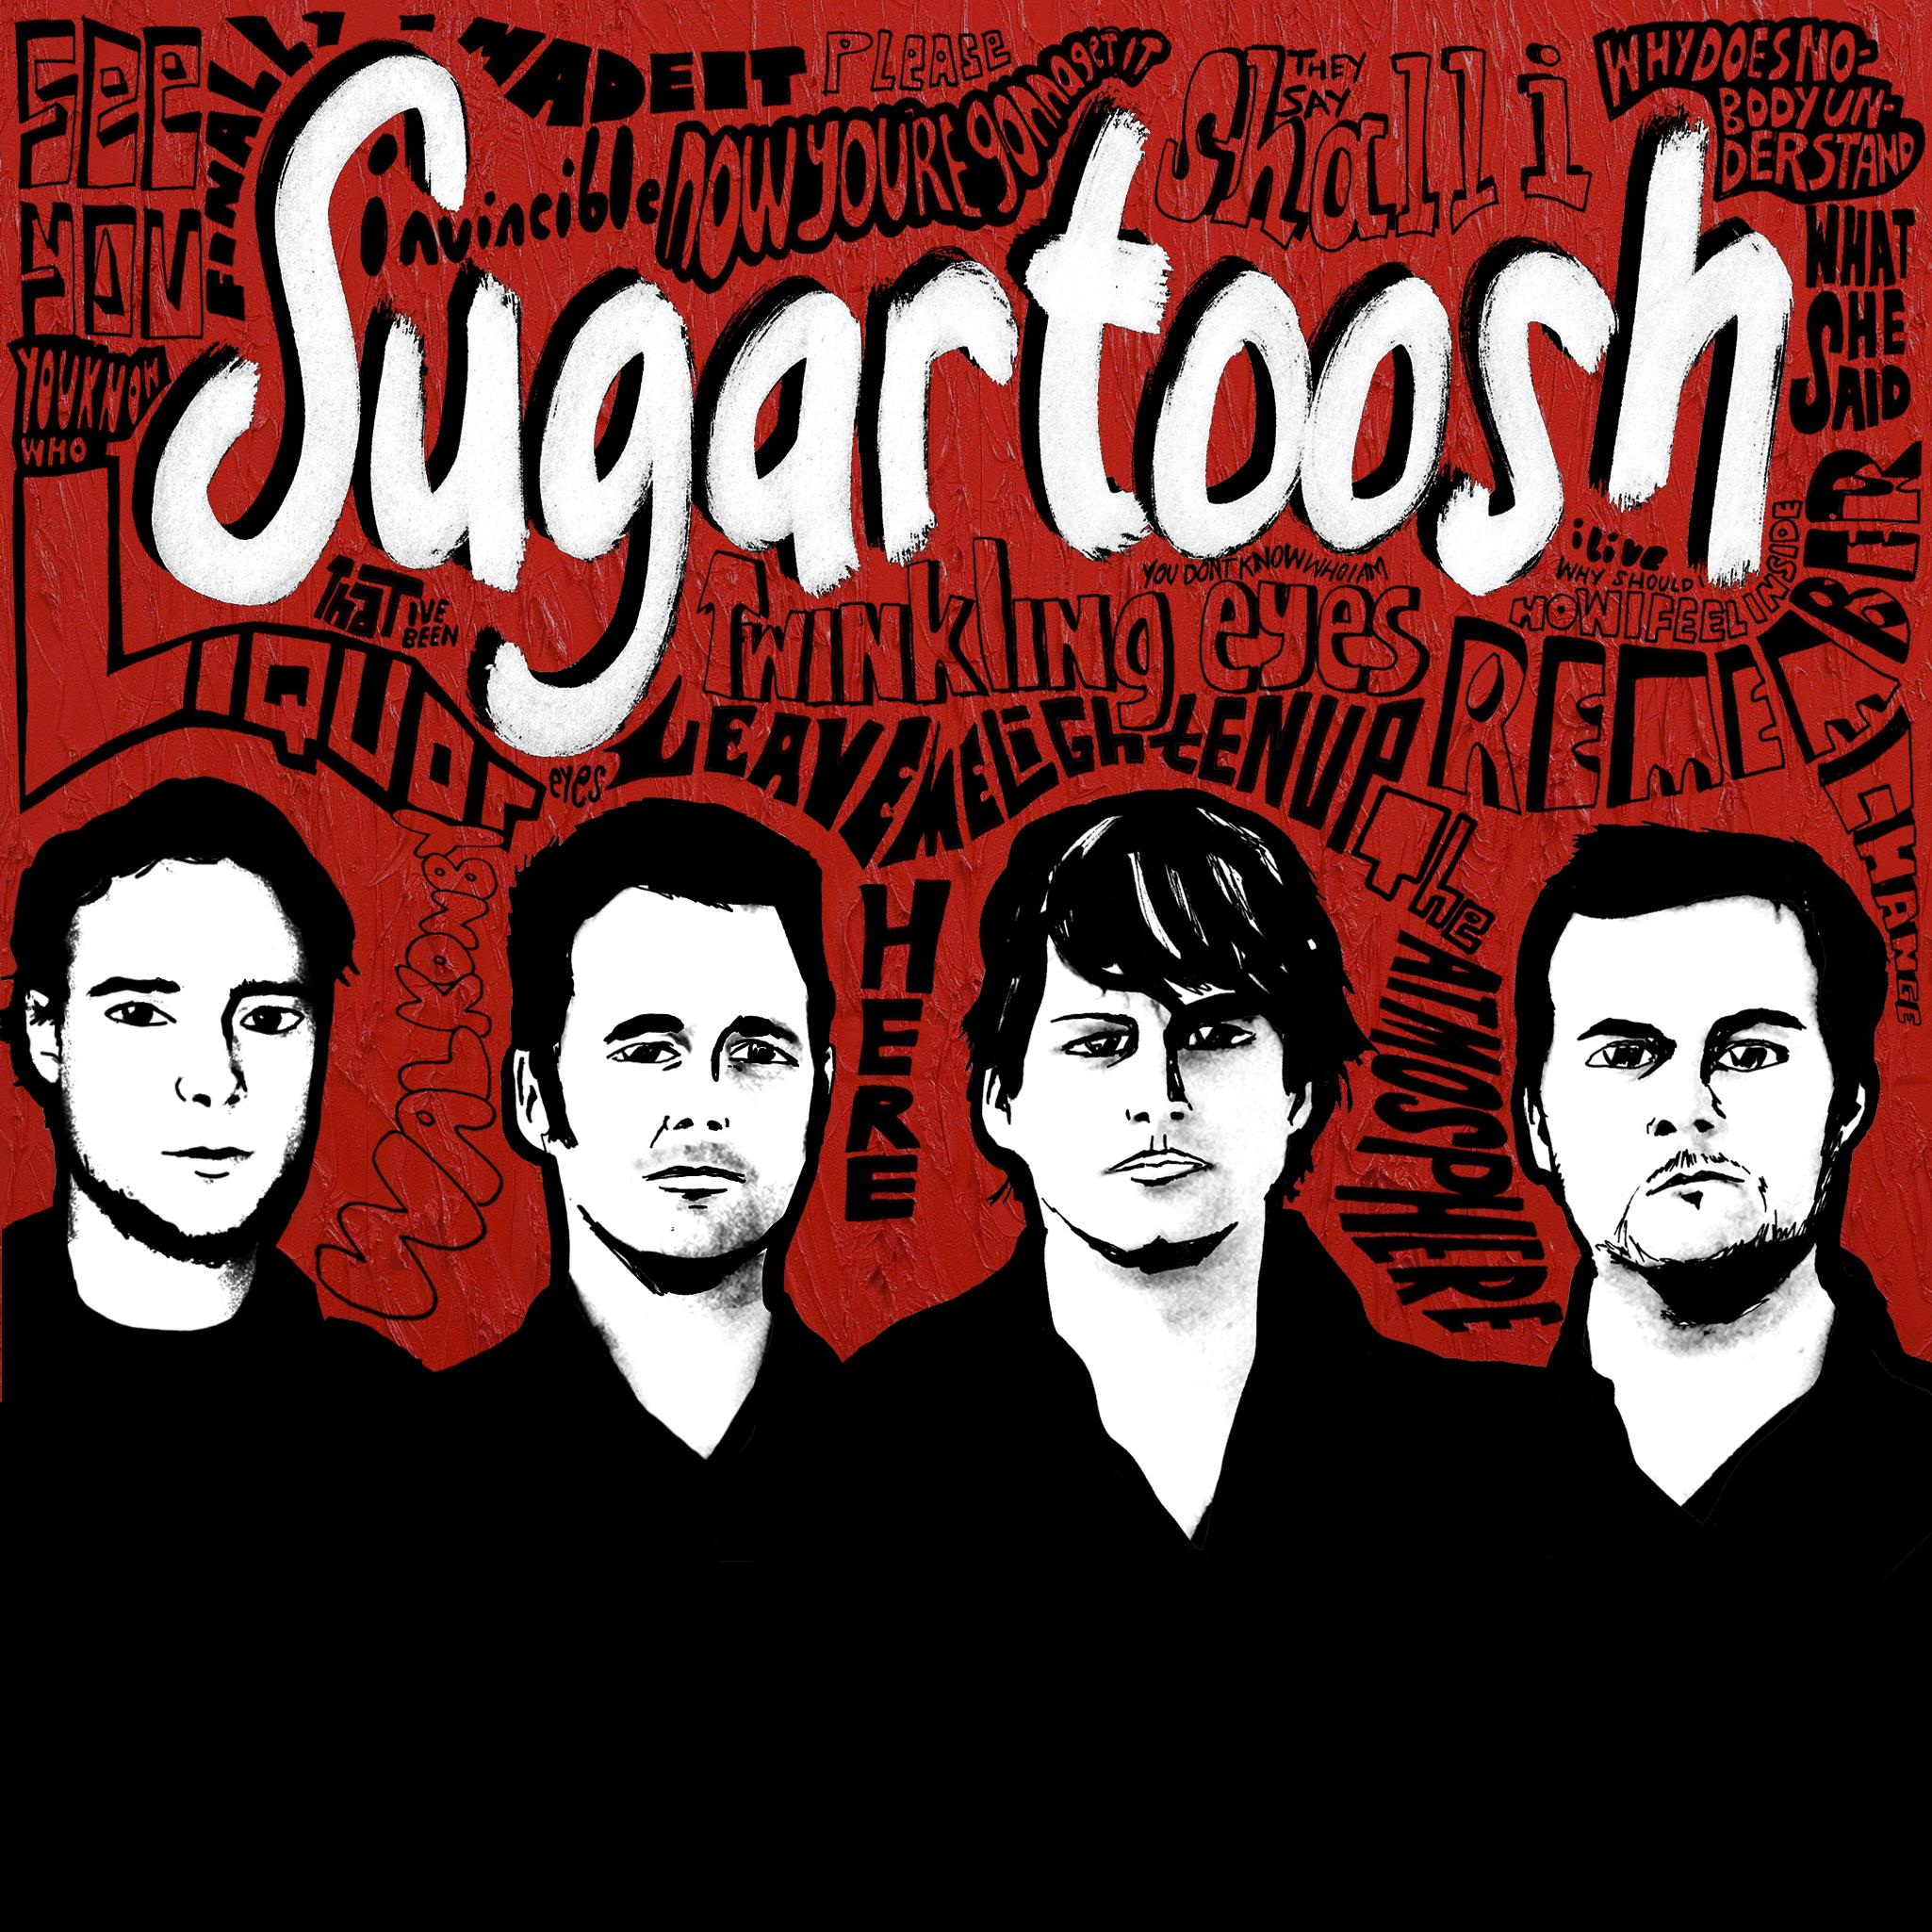 Sugartoosh